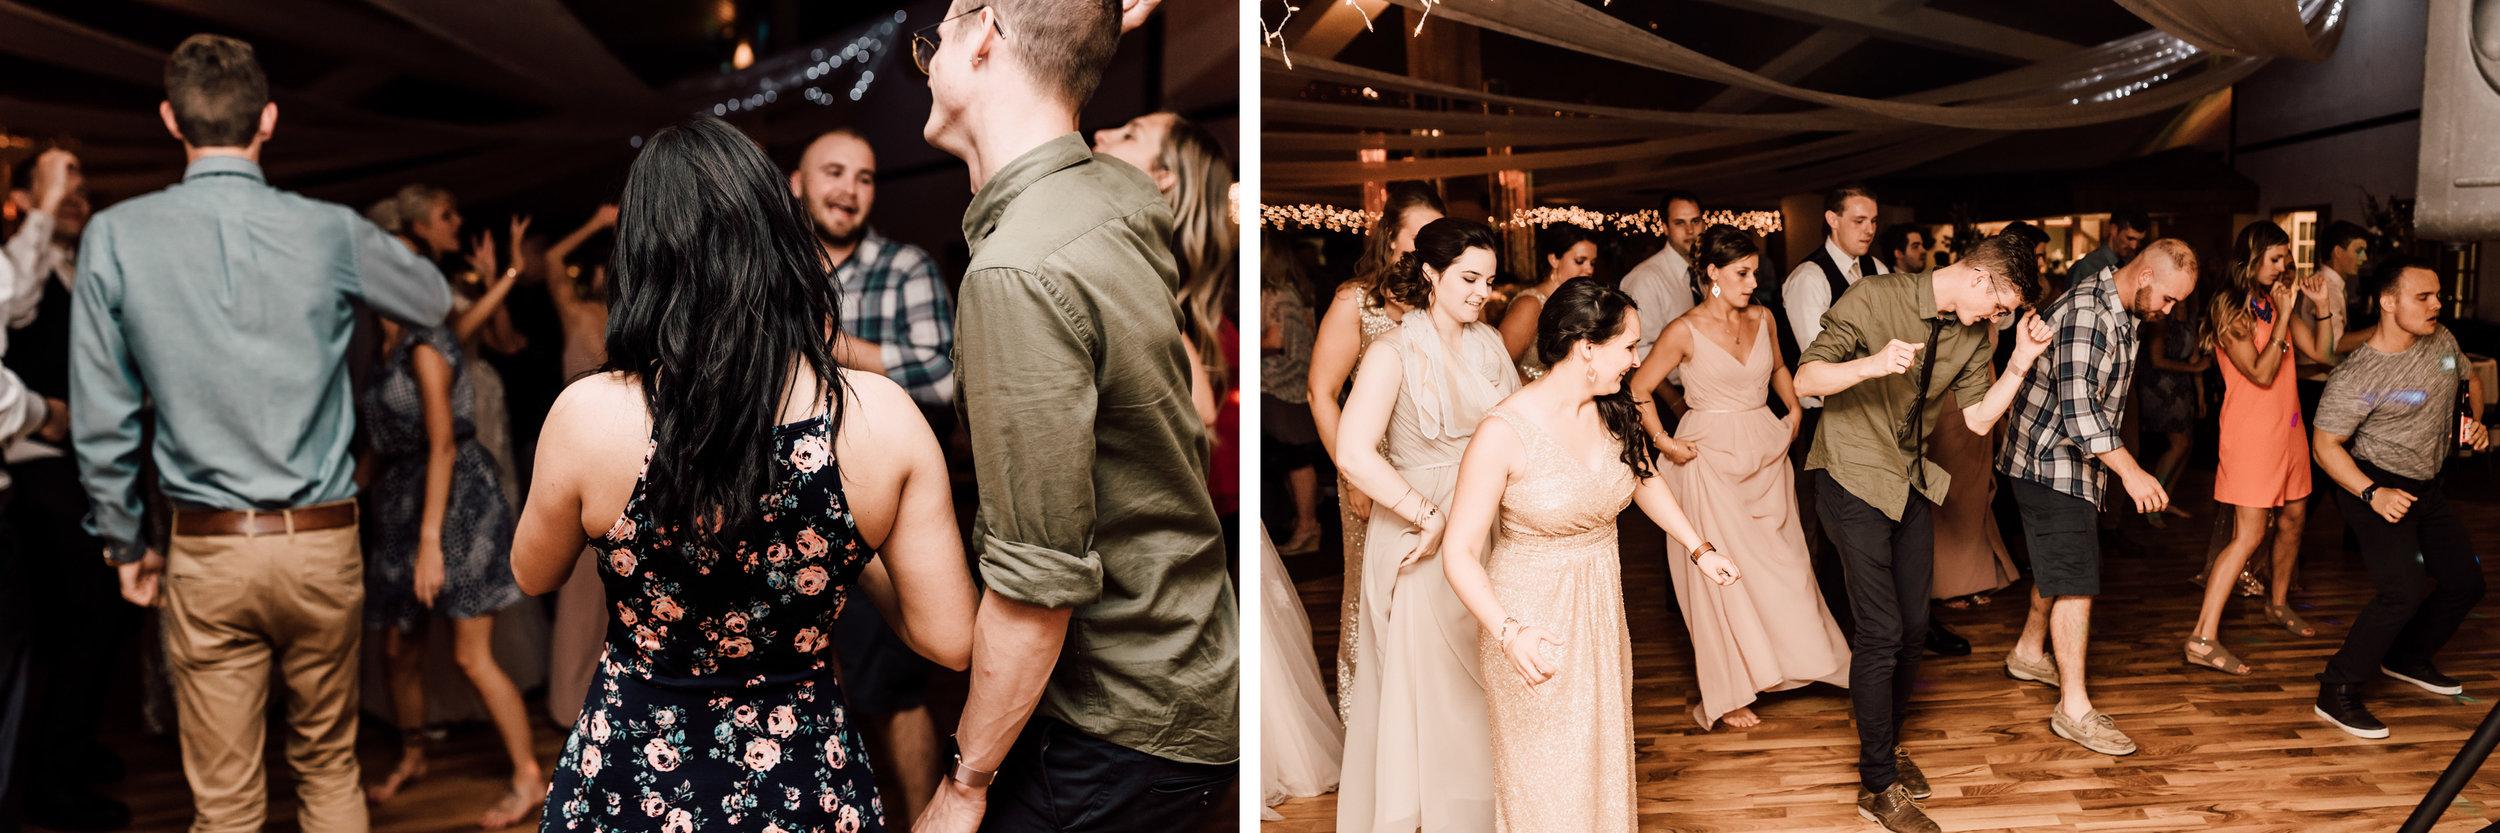 wedding dancing, first dance song ideas, first dance song photos